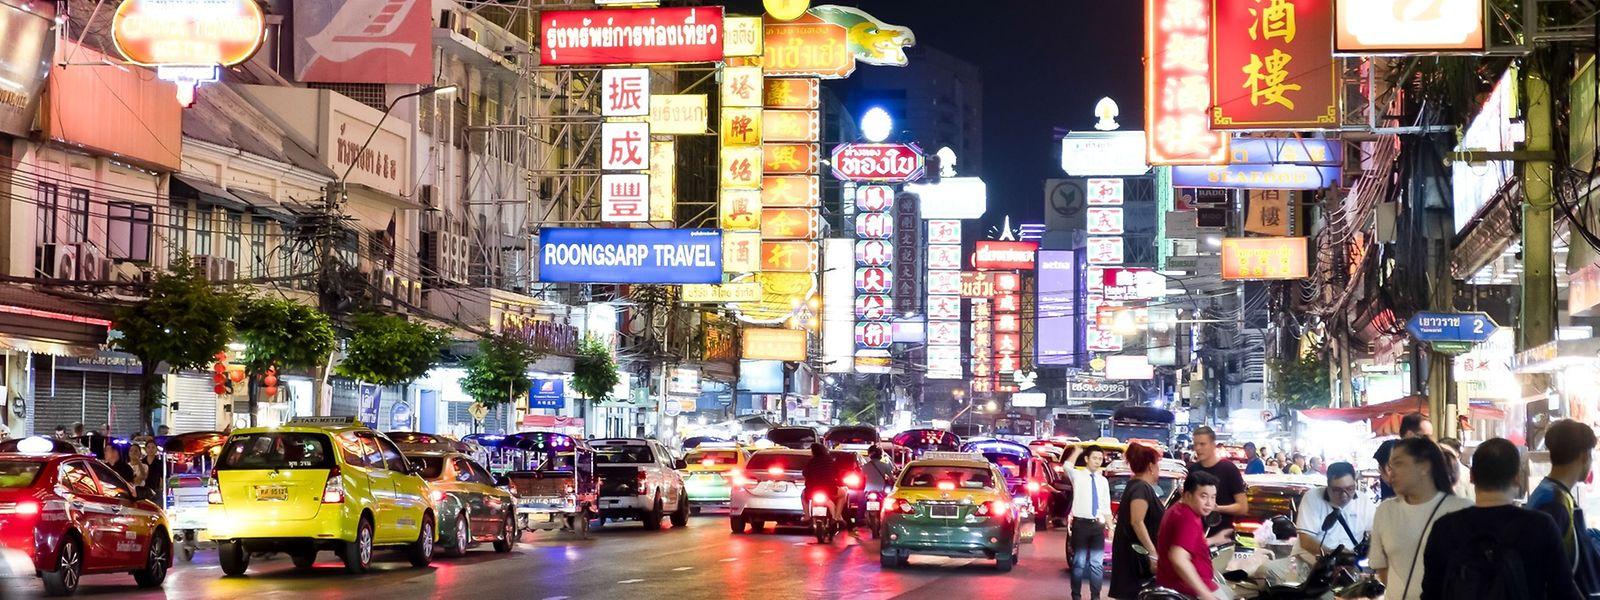 À Bangkok, tout pétarade, tout fume, tout grouille. Aux feux, chaque passage au vert ressemble à un départ de courses de motos.